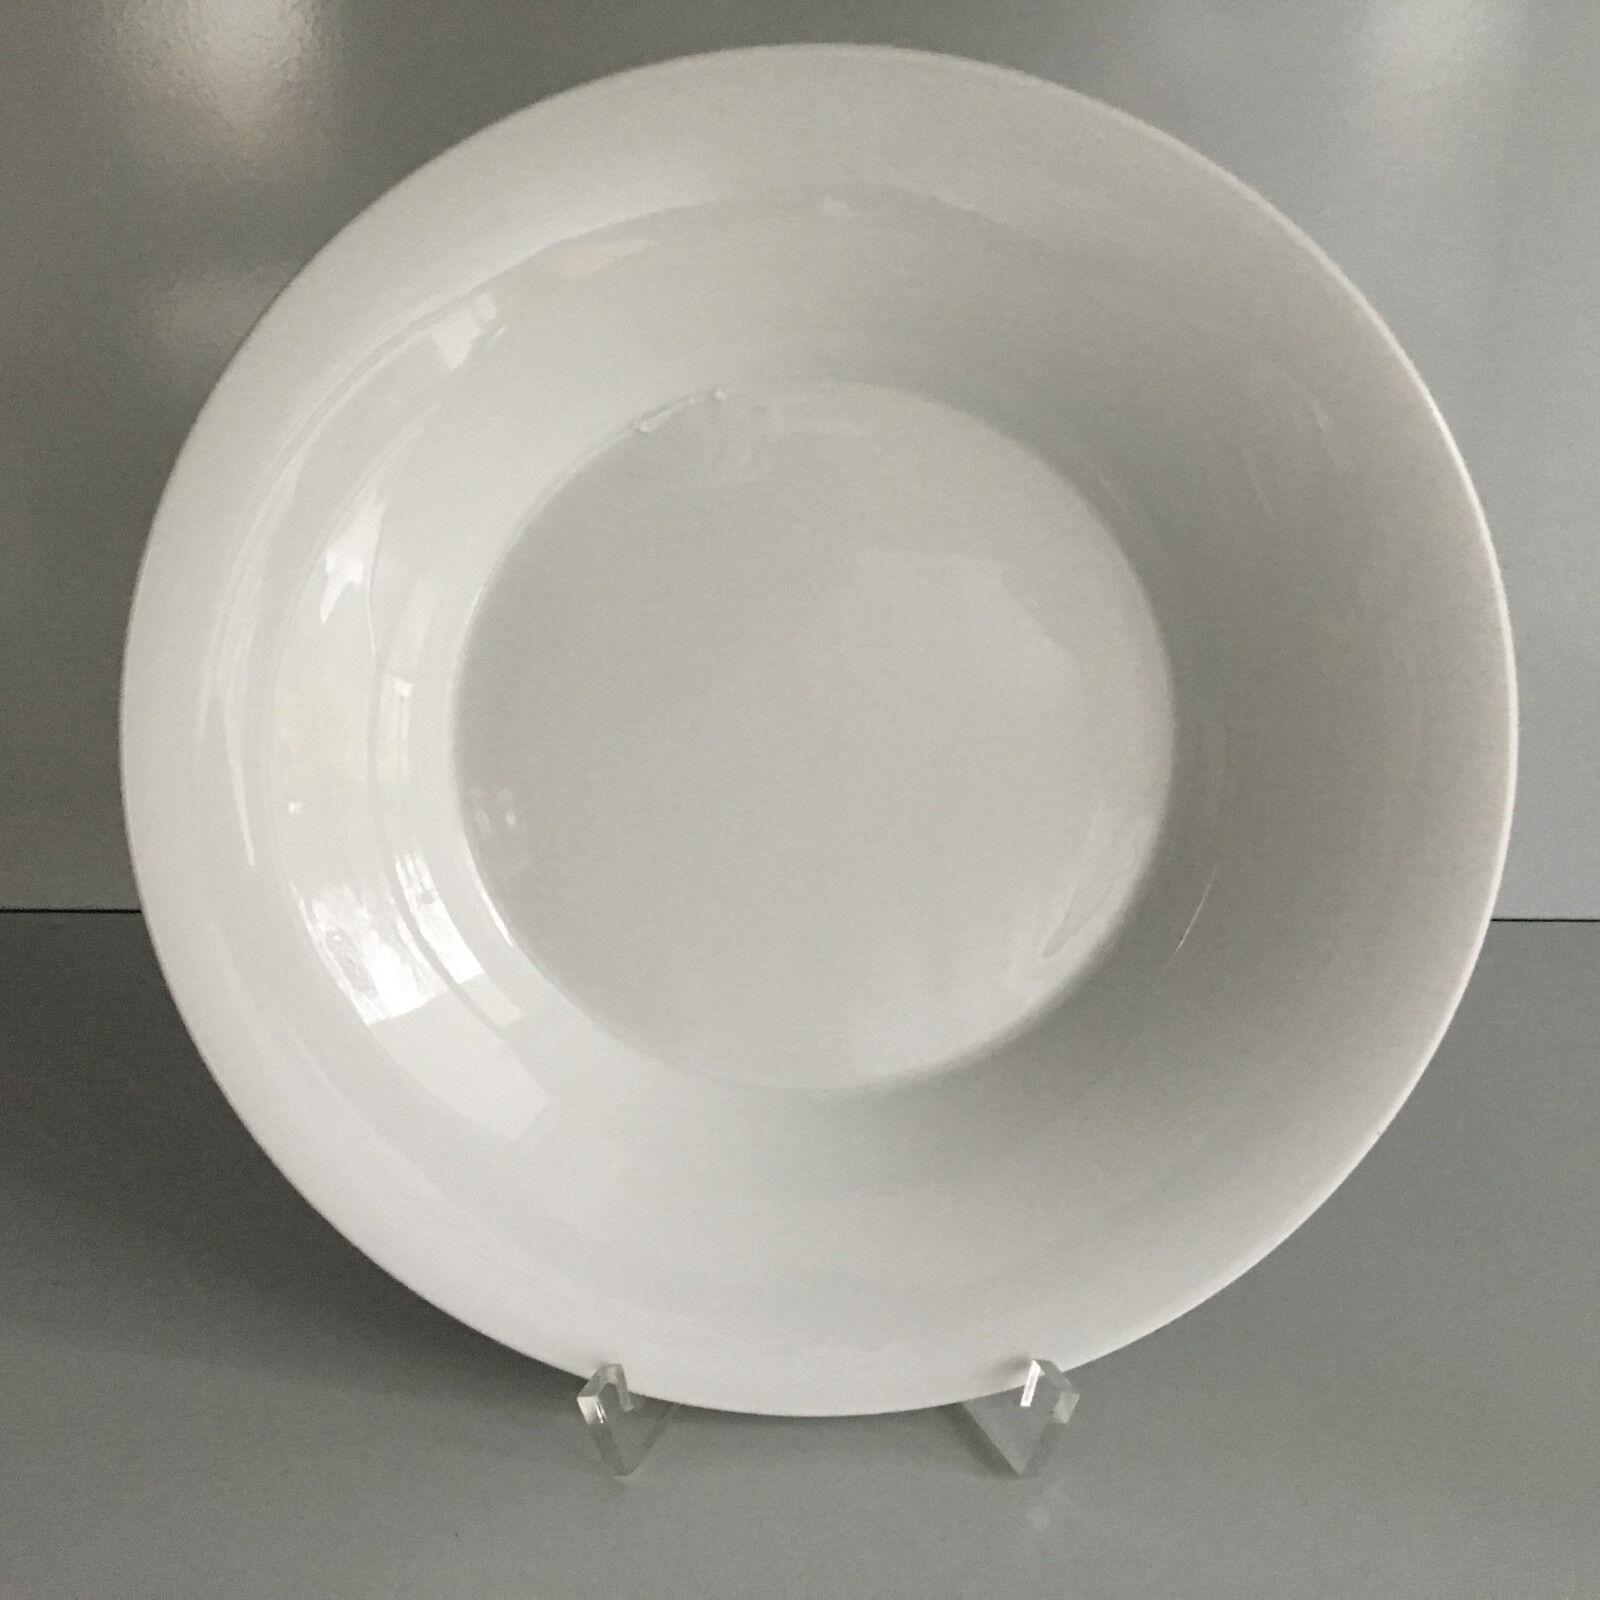 KPM forme Berlin sait assiettes à soupe 22 cm Décor 11 Soup Plate